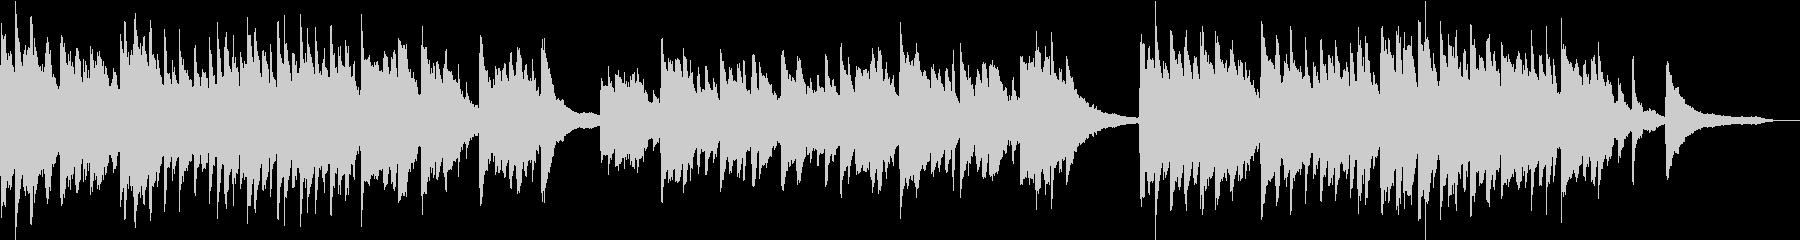 企業VP映像に未来・感動ピアノソロBGMの未再生の波形